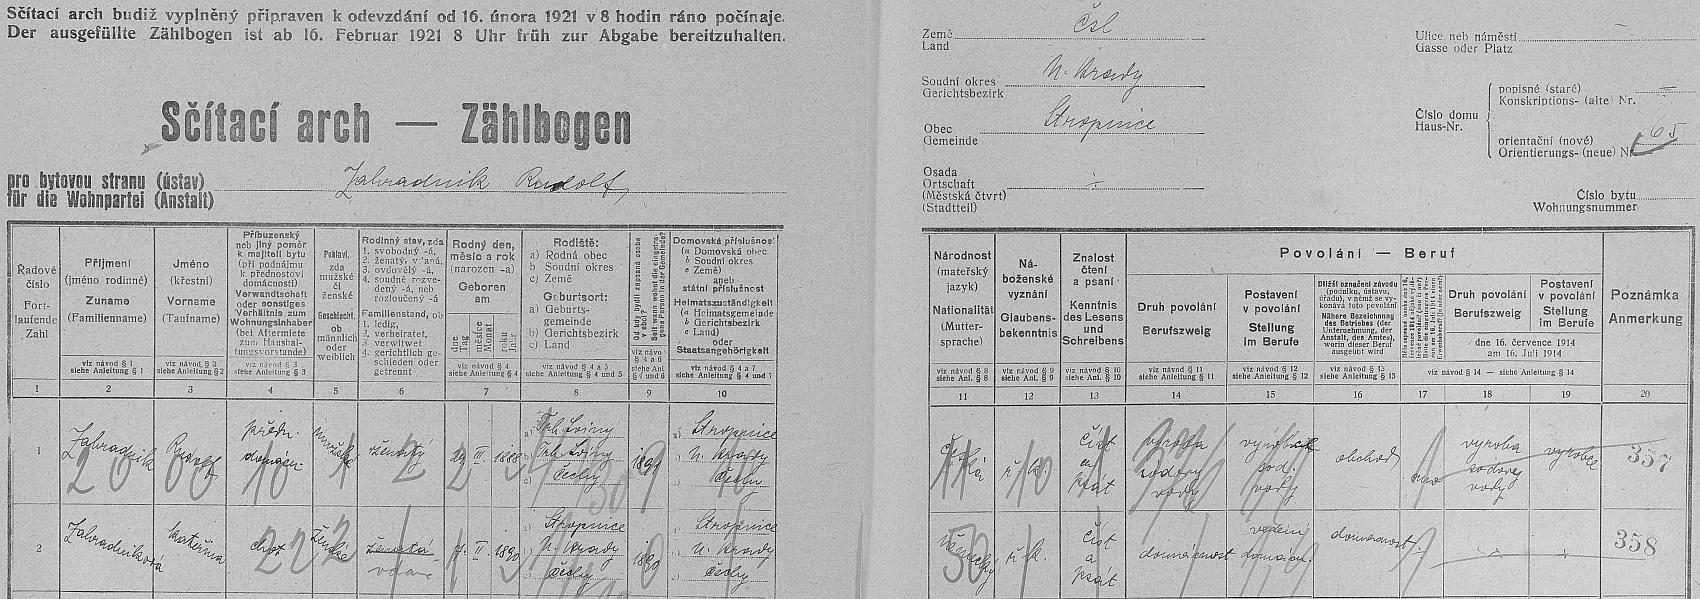 Arch sčítání lidu pro dům čp. 65 v Horní Stropnici s jejím bratrem Rudolfem a  jeho ženou Kateřinou, prohlašující se na rozdíl od něho, Čecha z Trhových Svinů, za Němku z Horní Stropnice